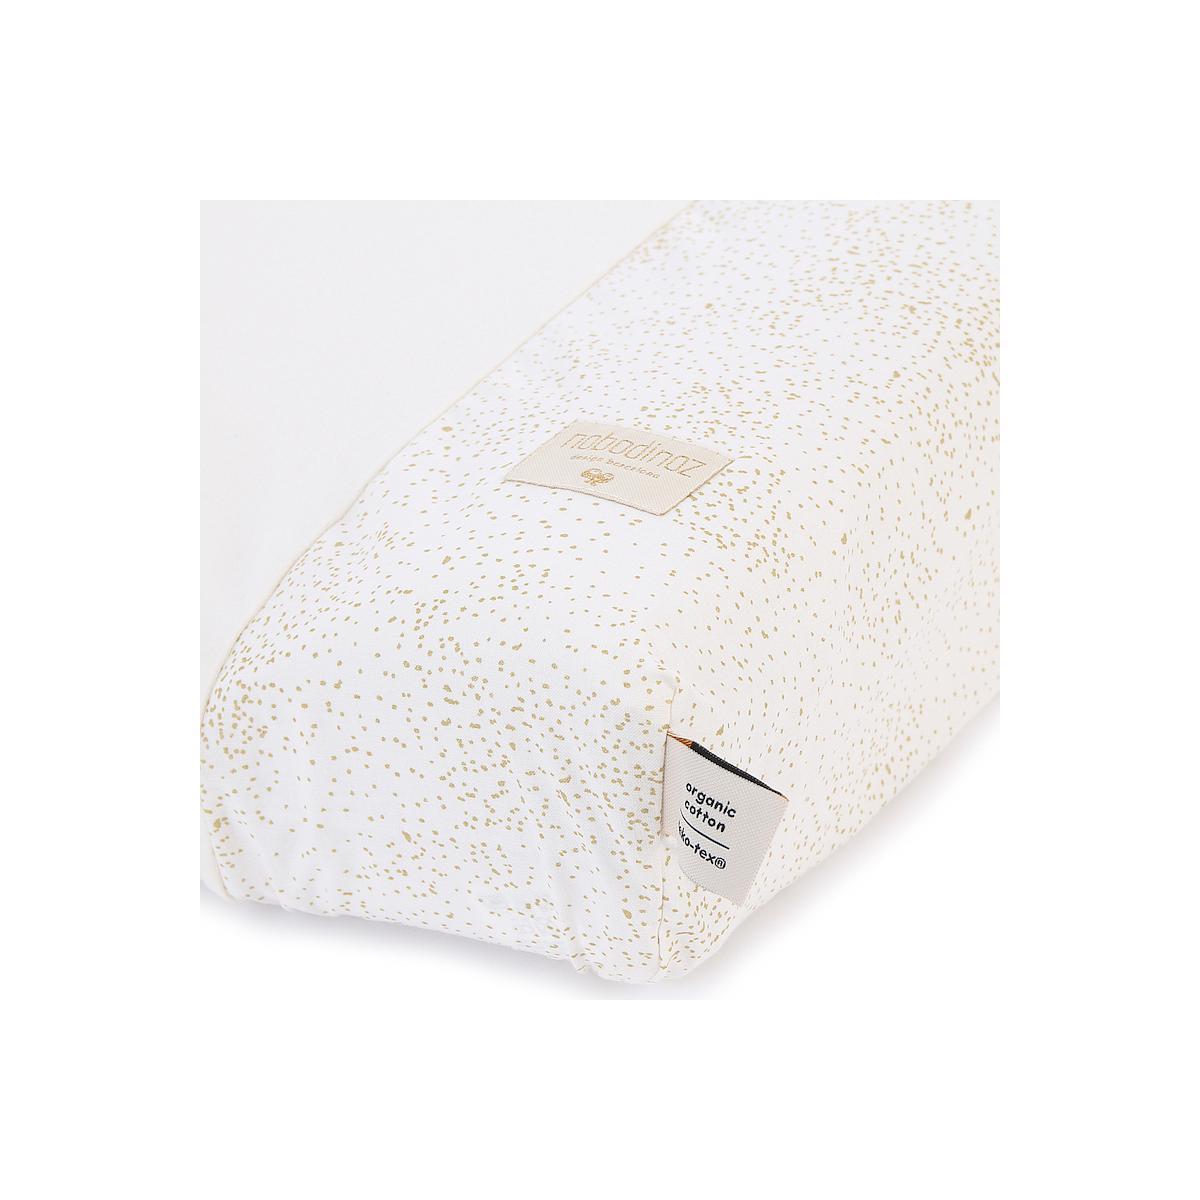 Funda colchón cambiador 70x50cm CALMA ELEMENTS Nobodinoz gold bubble-white